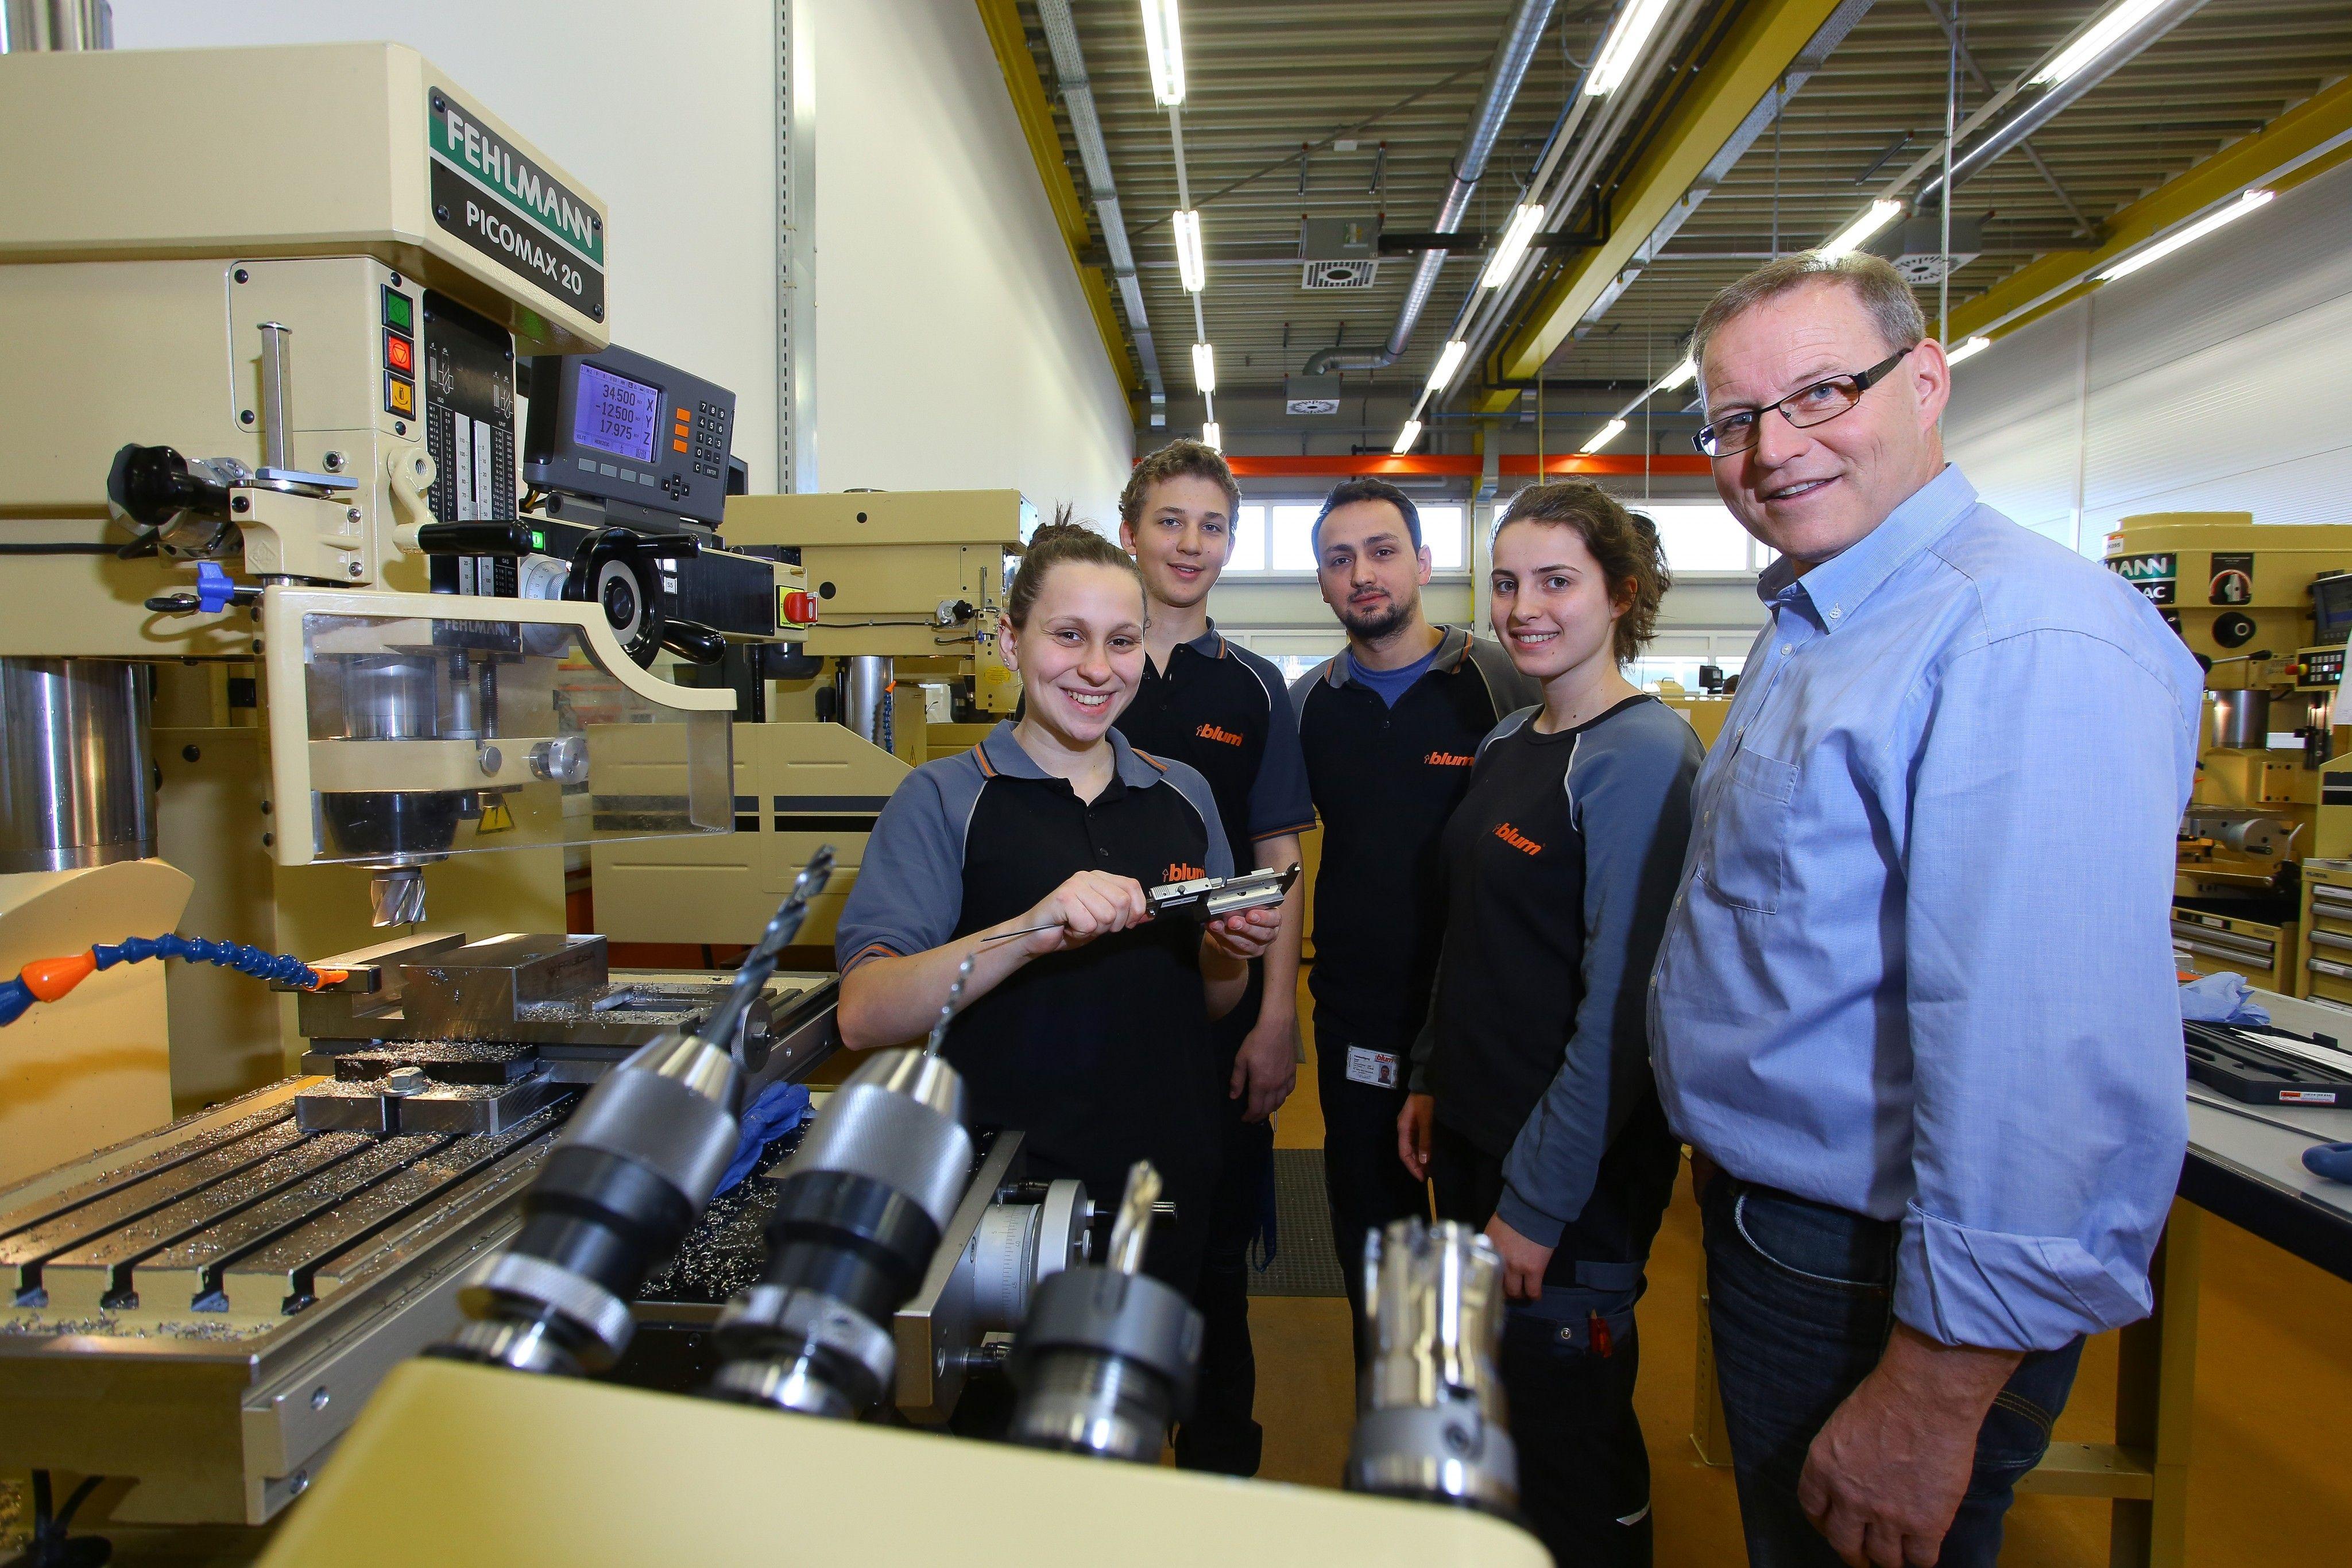 Mehr Mächen wollen Lehre in der Metallbranche beginnen